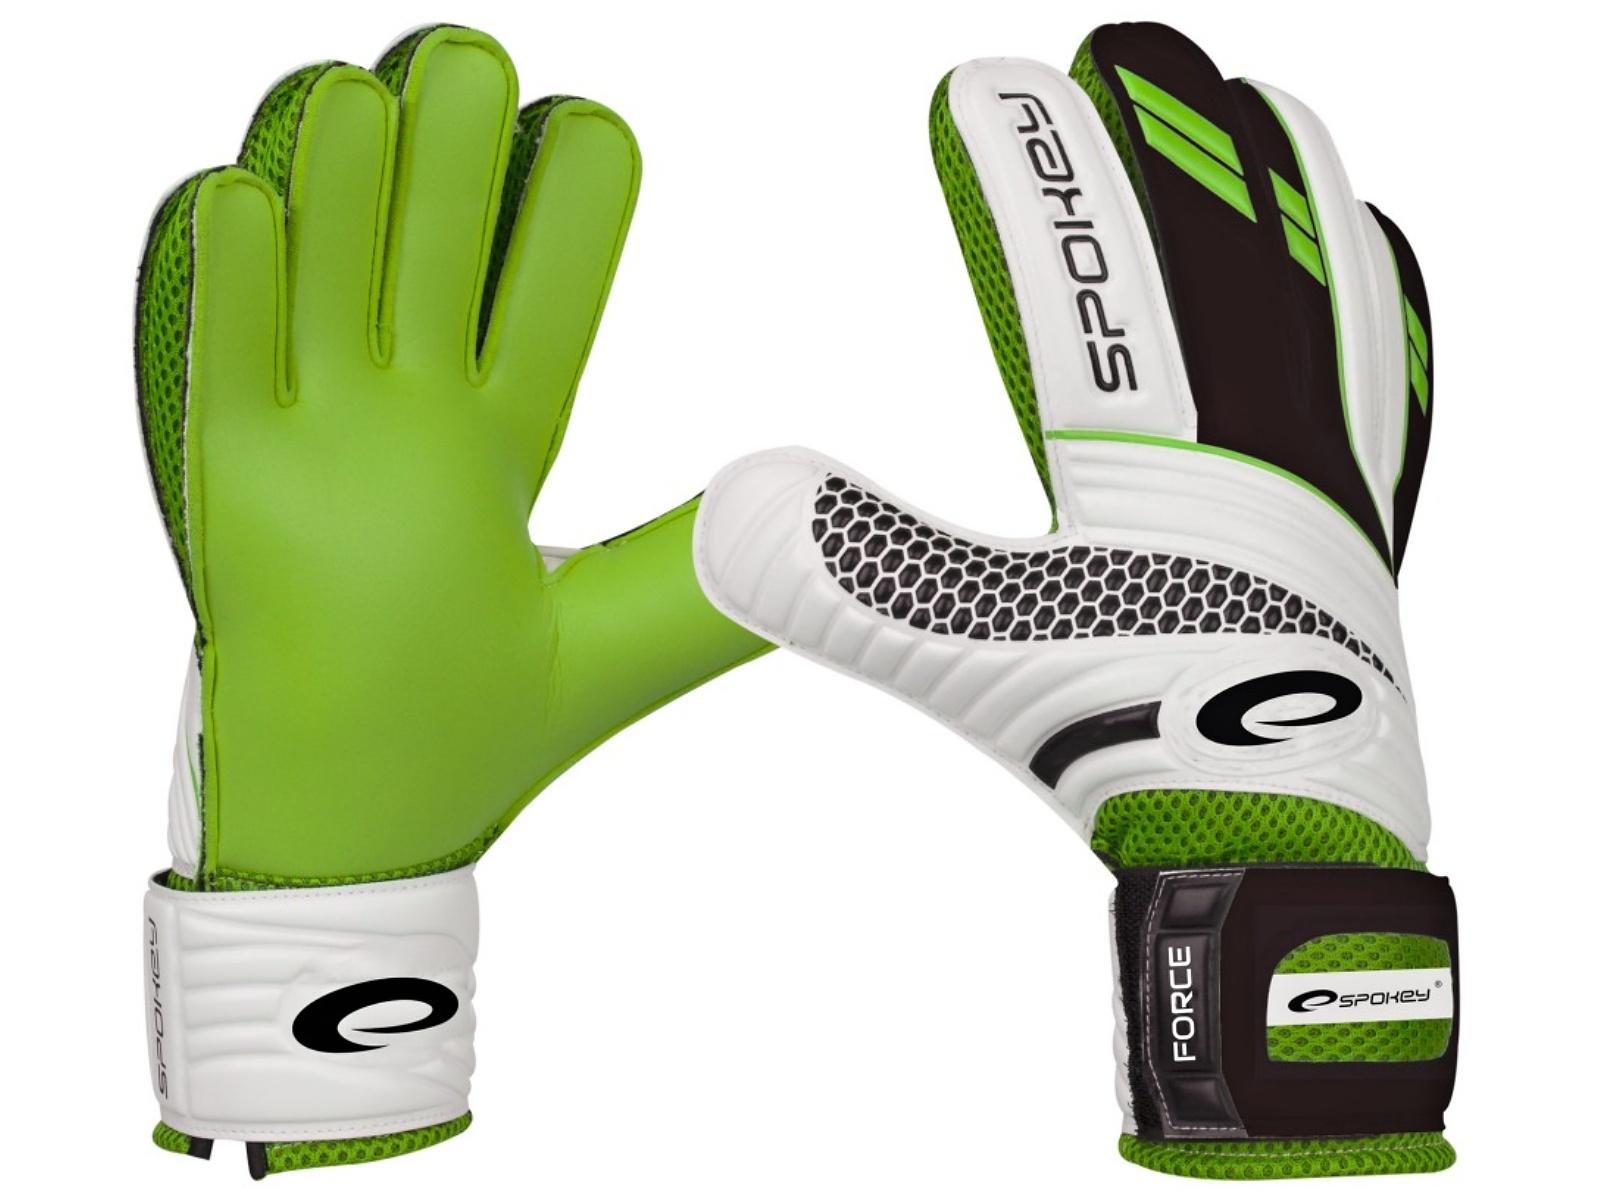 Brankářské rukavice SPOKEY Force 9 zelené